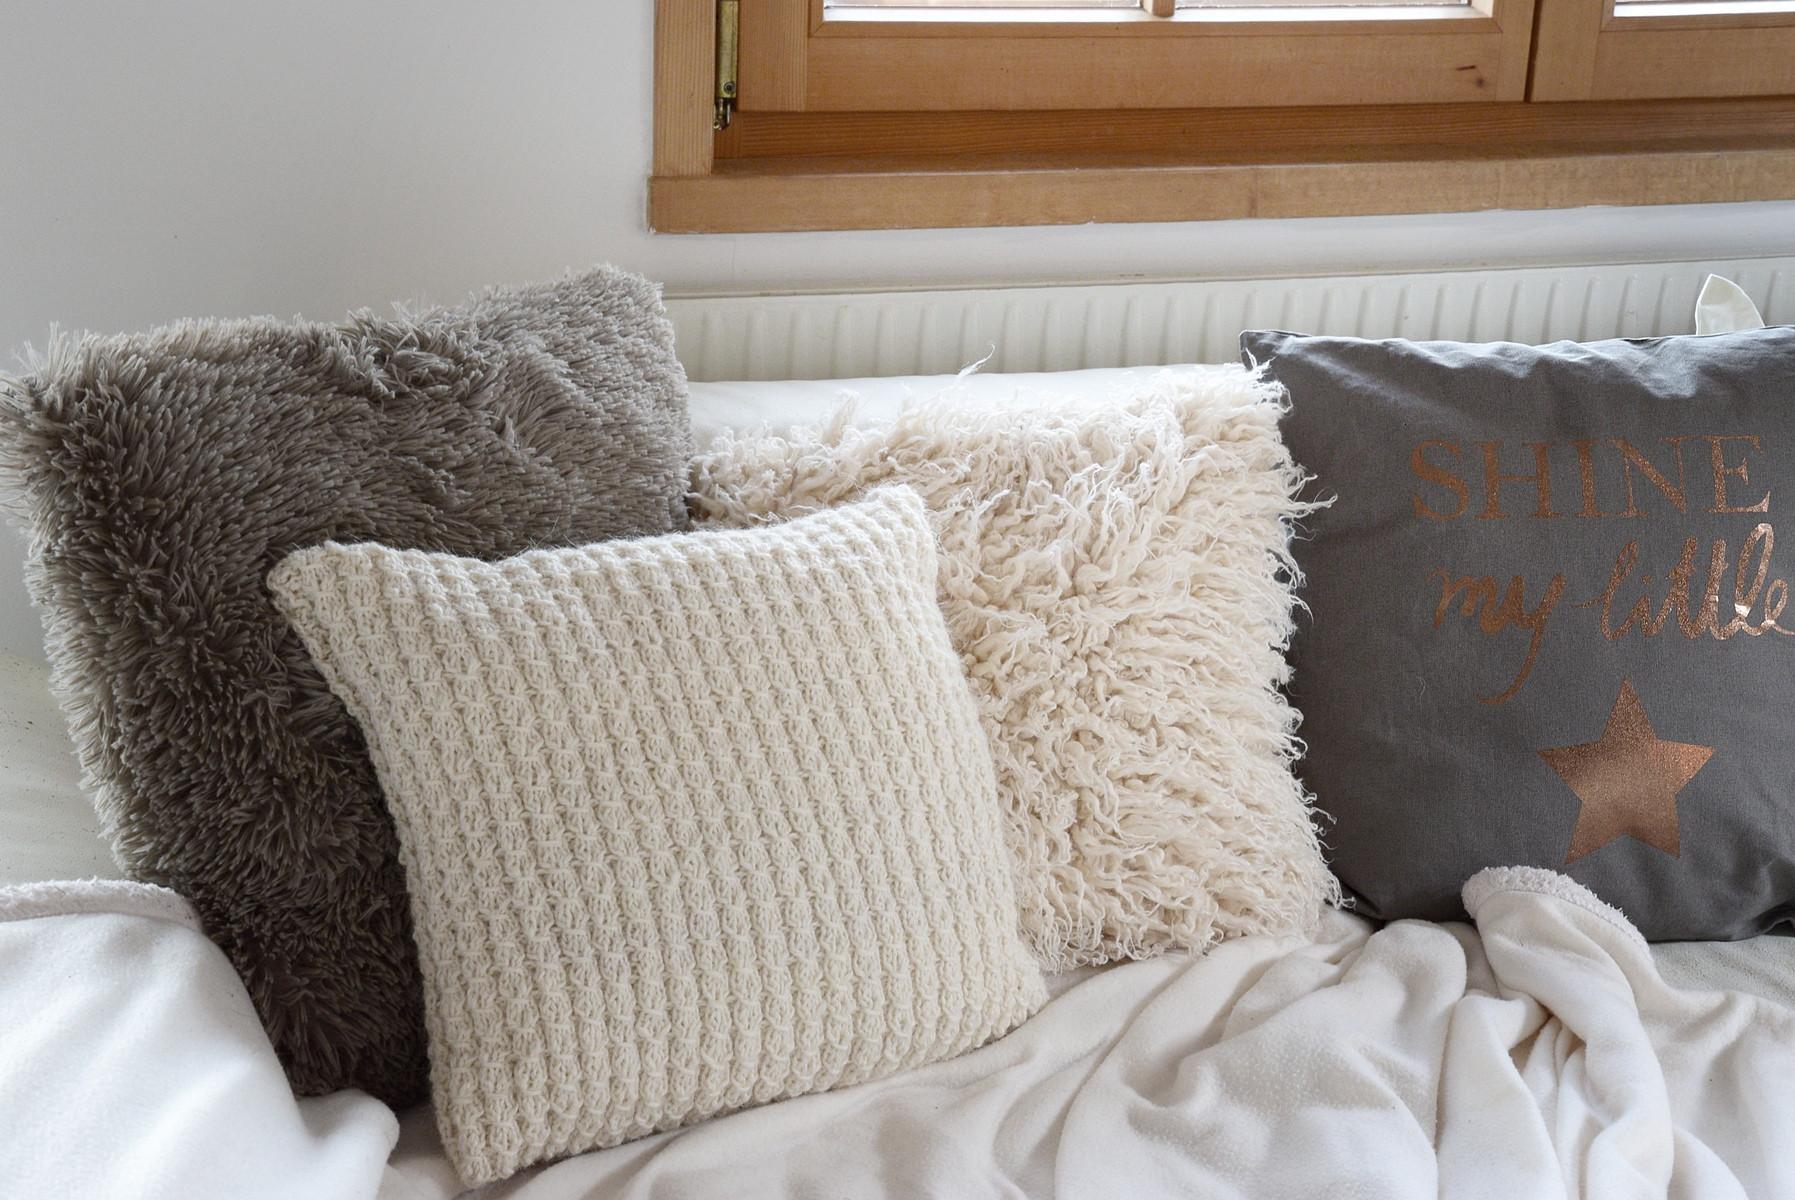 Decken Mit Ärmeln  Kuscheliges Wohnzimmer mit Decken und Kissen von DEPOT